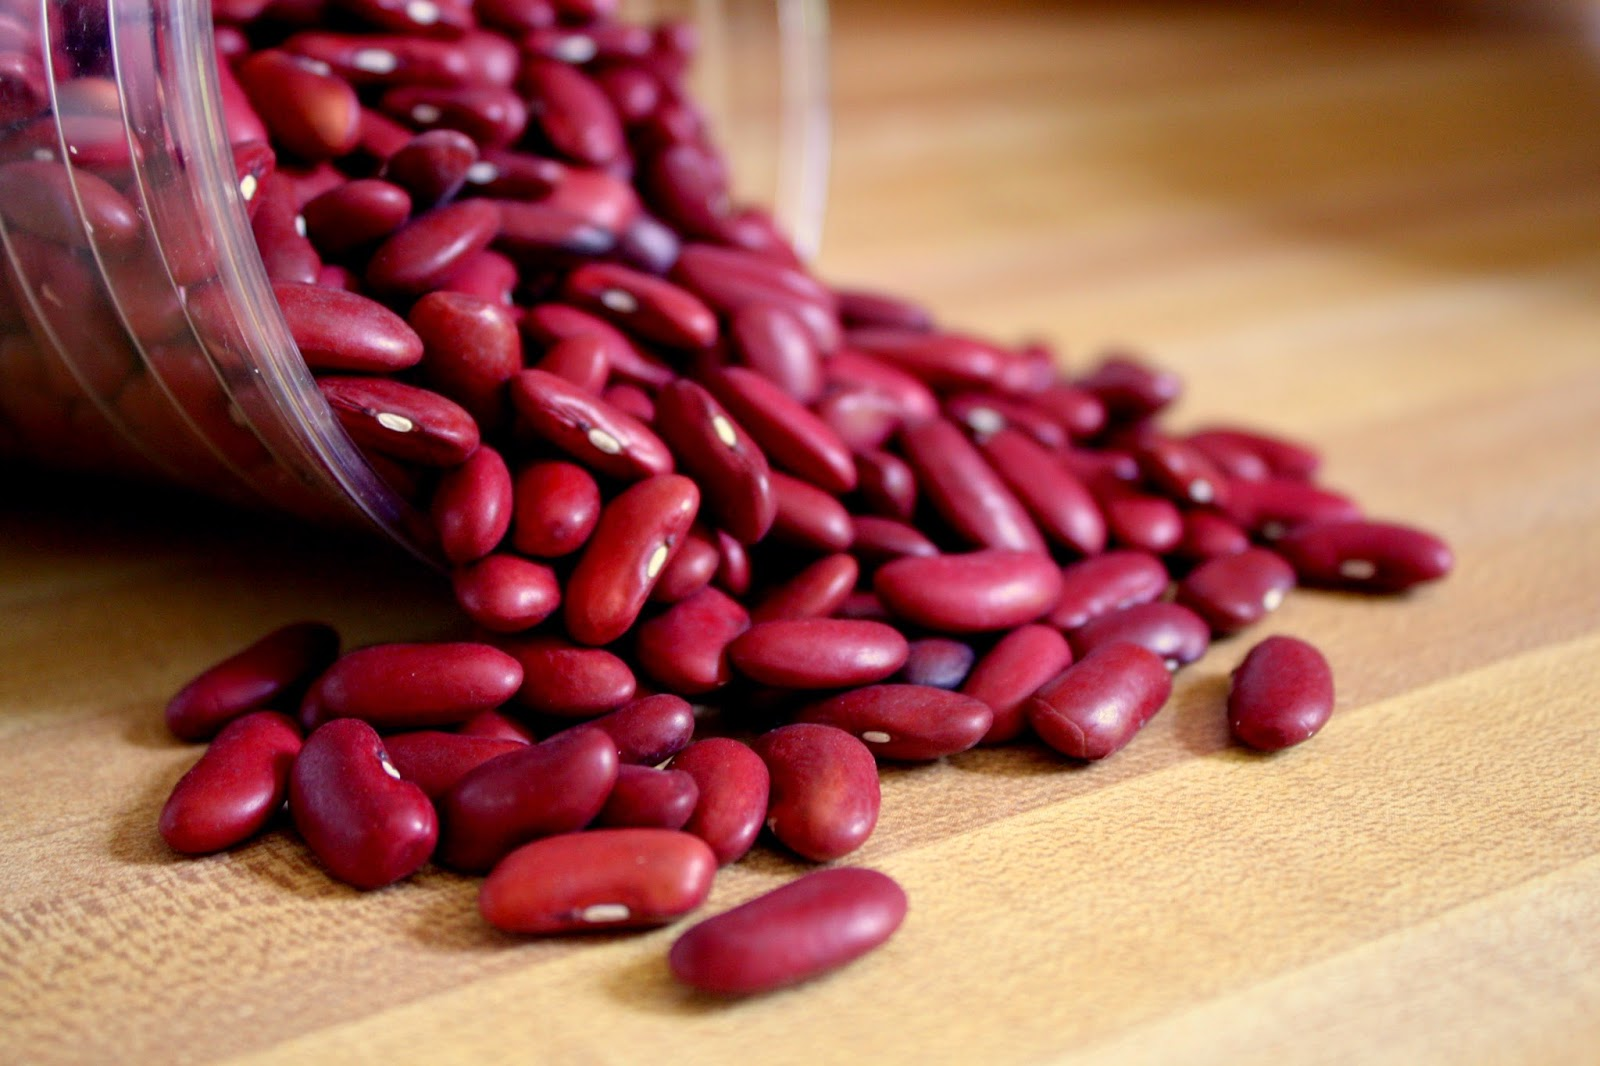 Фасоль для похудения: отзывы диетологов, диетический салат с фасолью консервированной, стручковой, красной, зеленой и белой